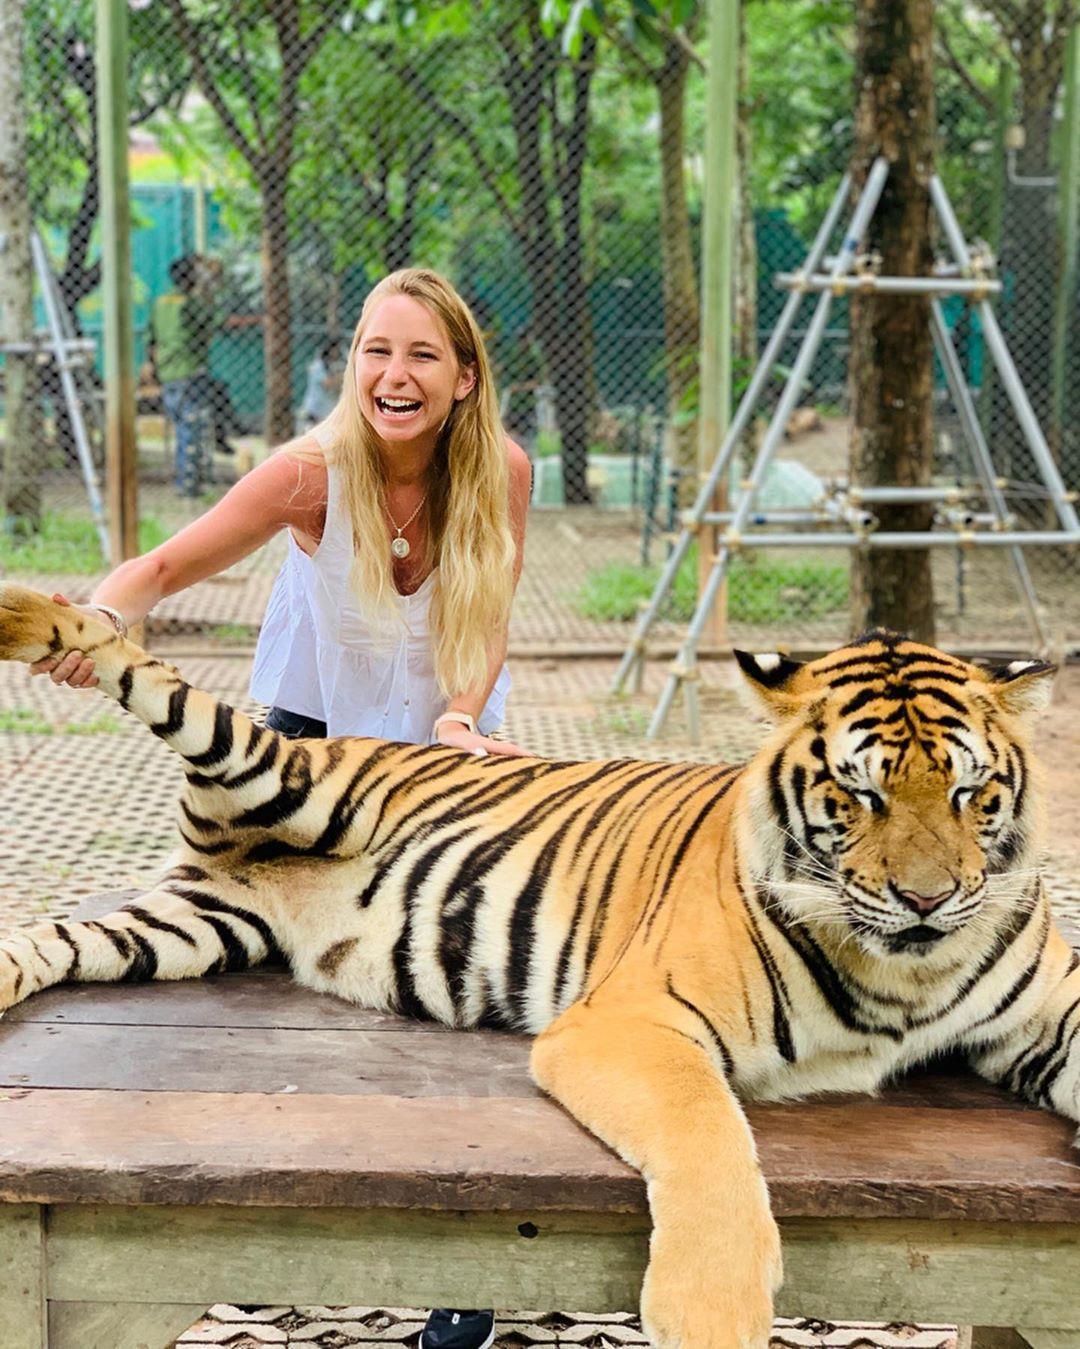 Tới Thái Lan, ghé nơi hổ đi lại nhởn nhơ trước mặt du khách Ảnh 10